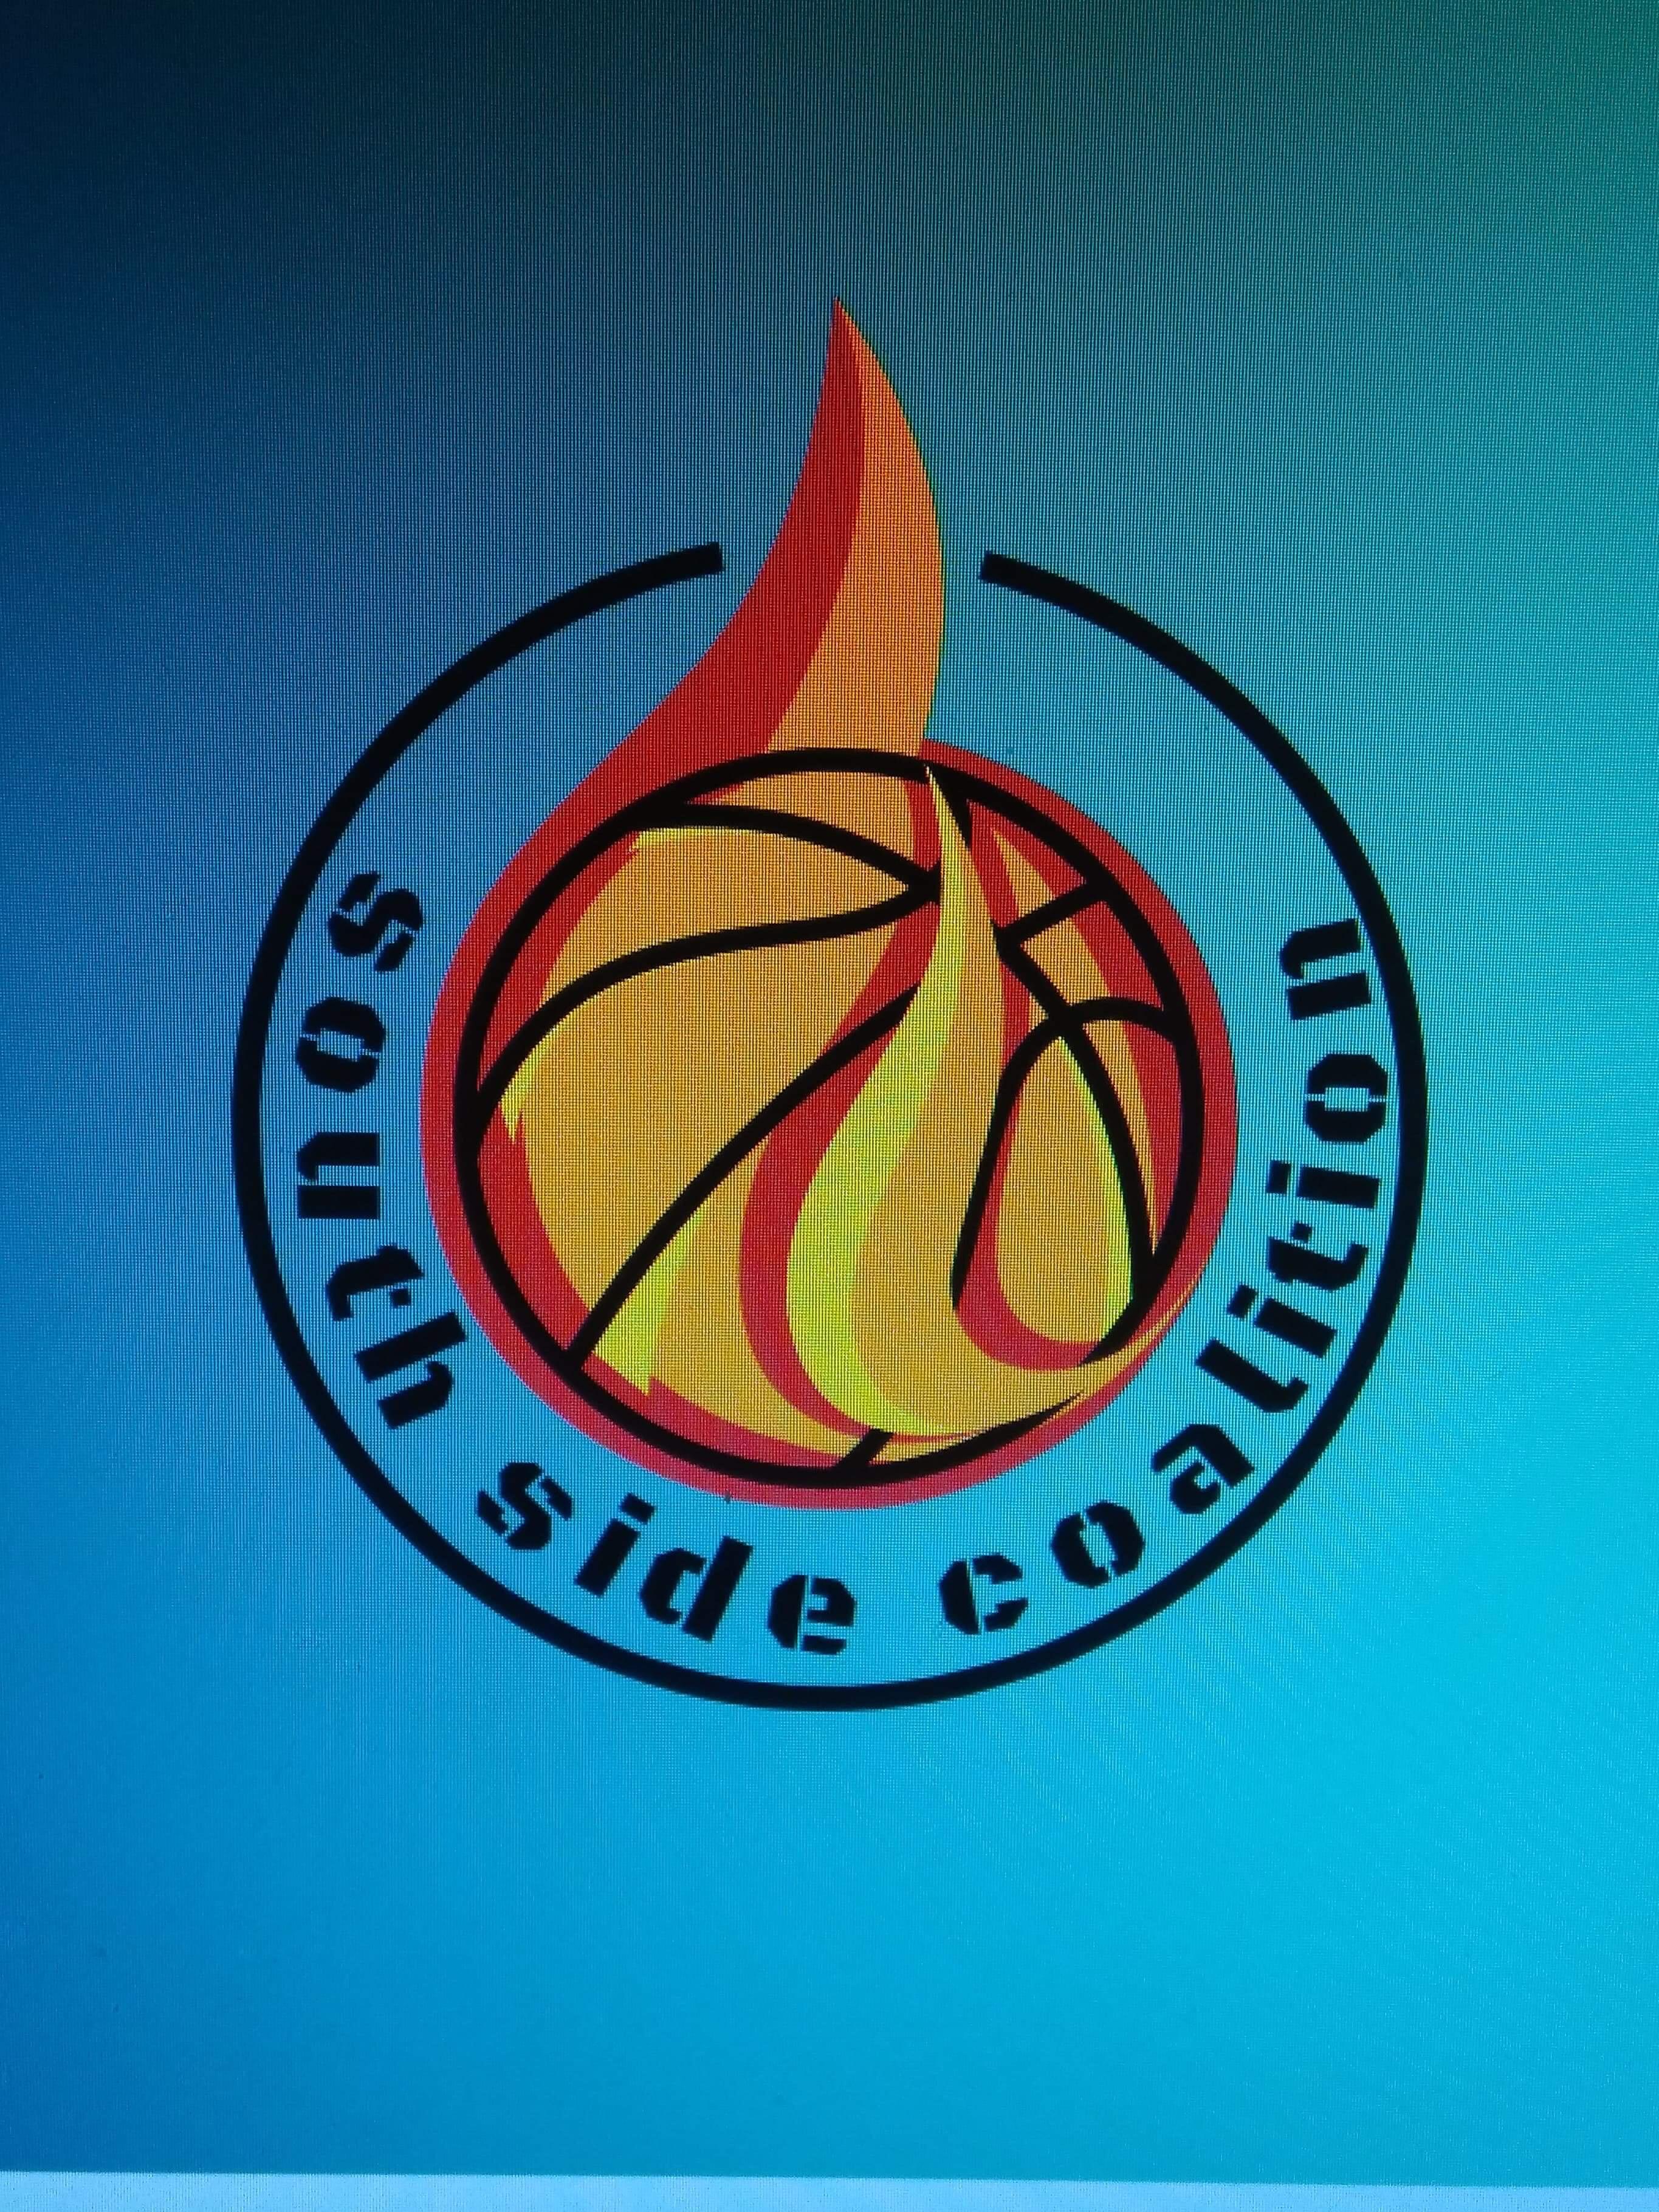 SouthSide Coalition